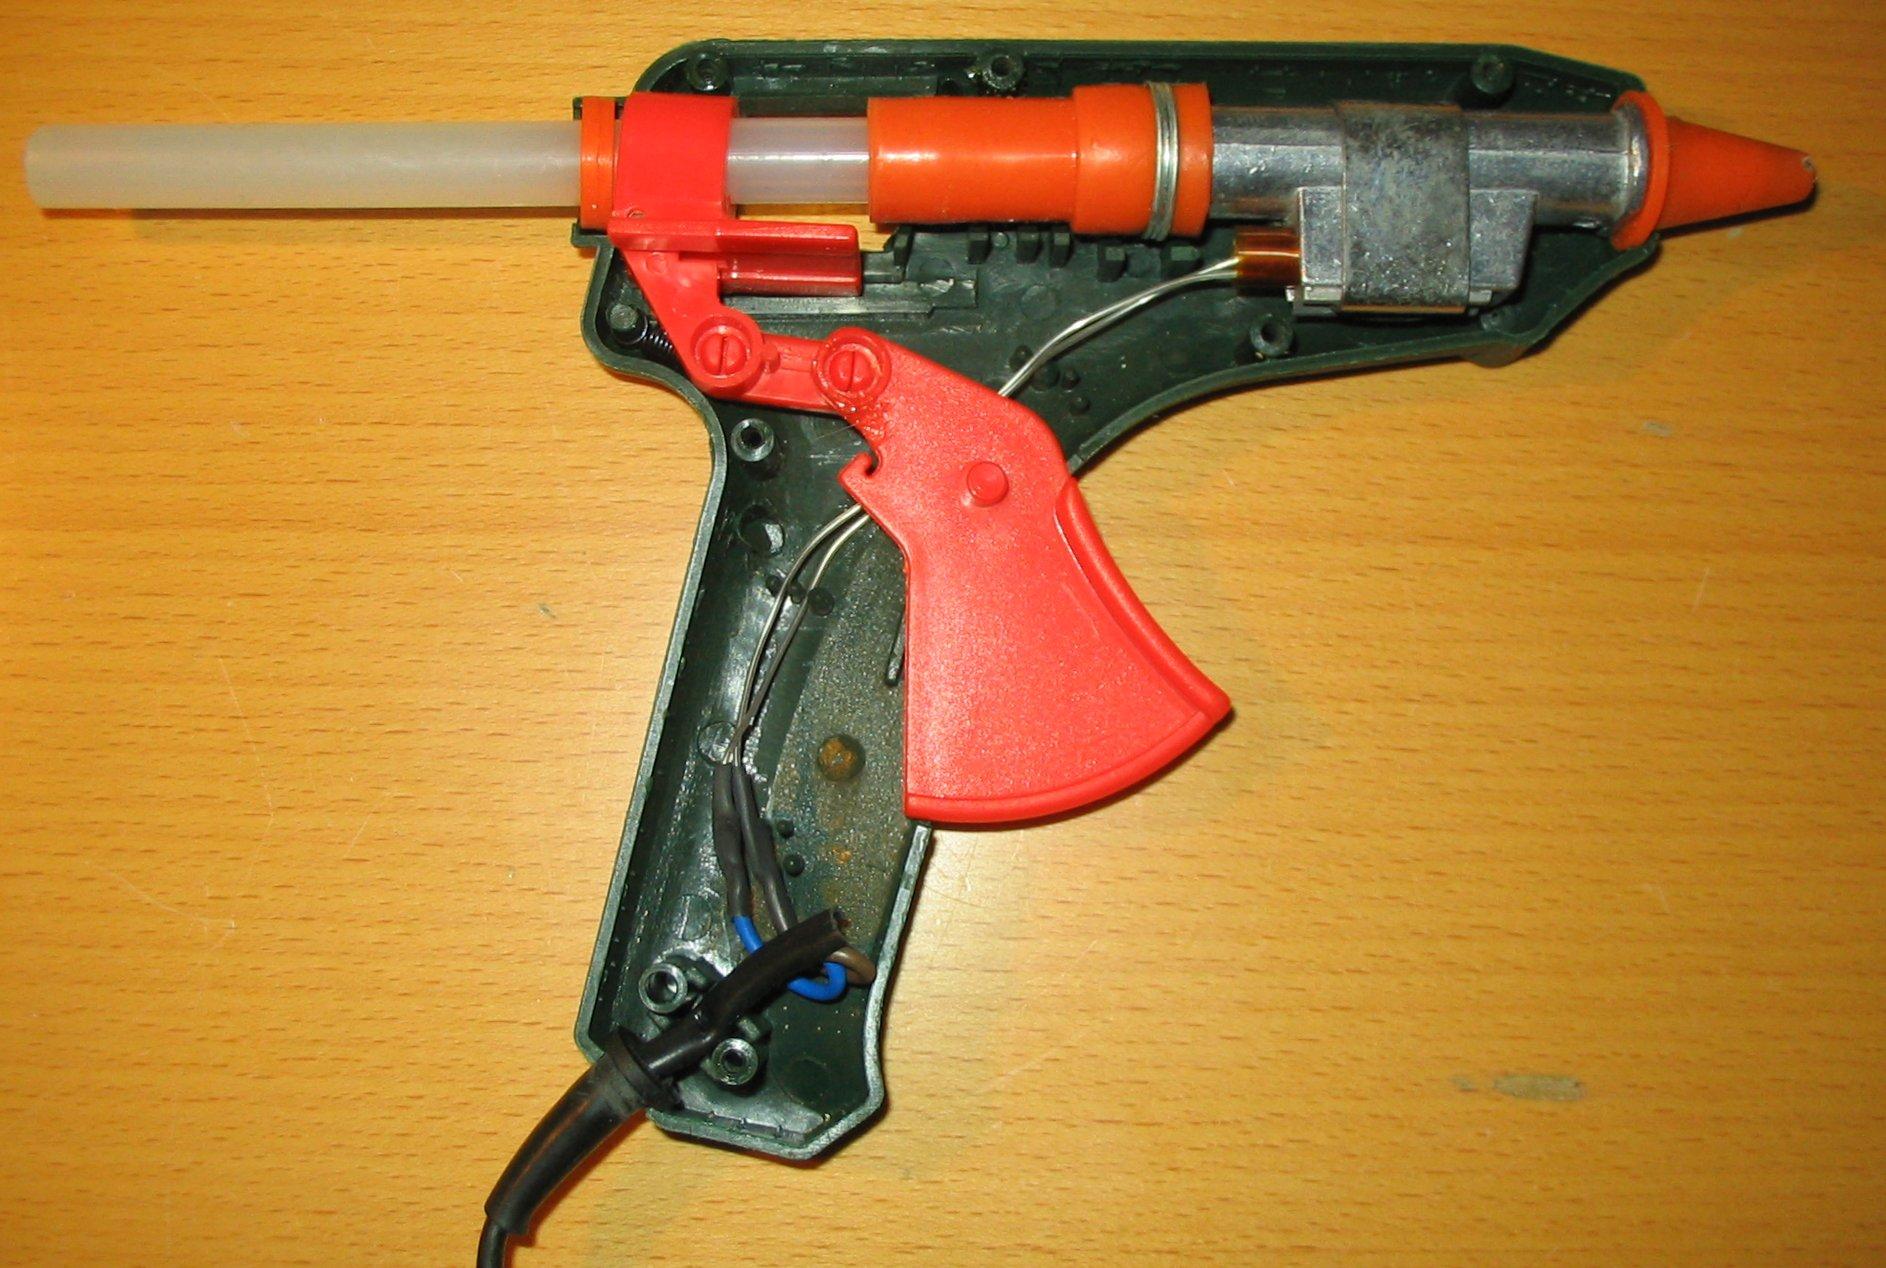 heißklebepistole - wikiwand